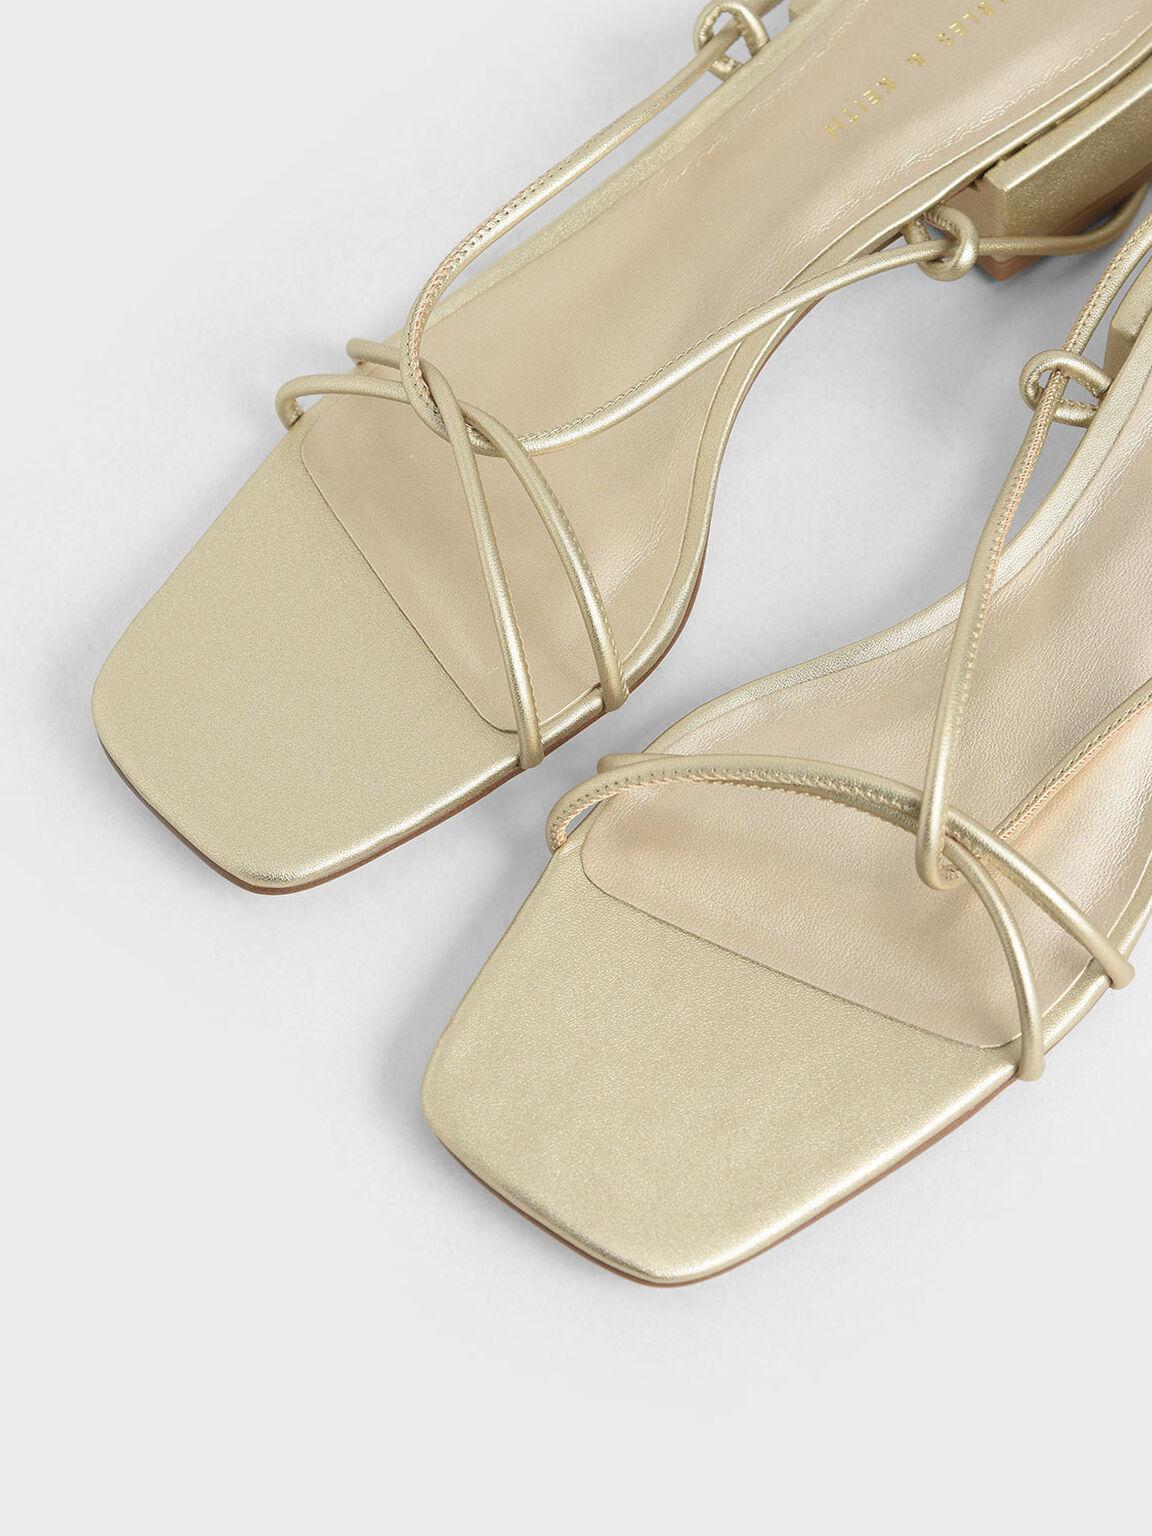 細帶扭結涼鞋, 金色, hi-res